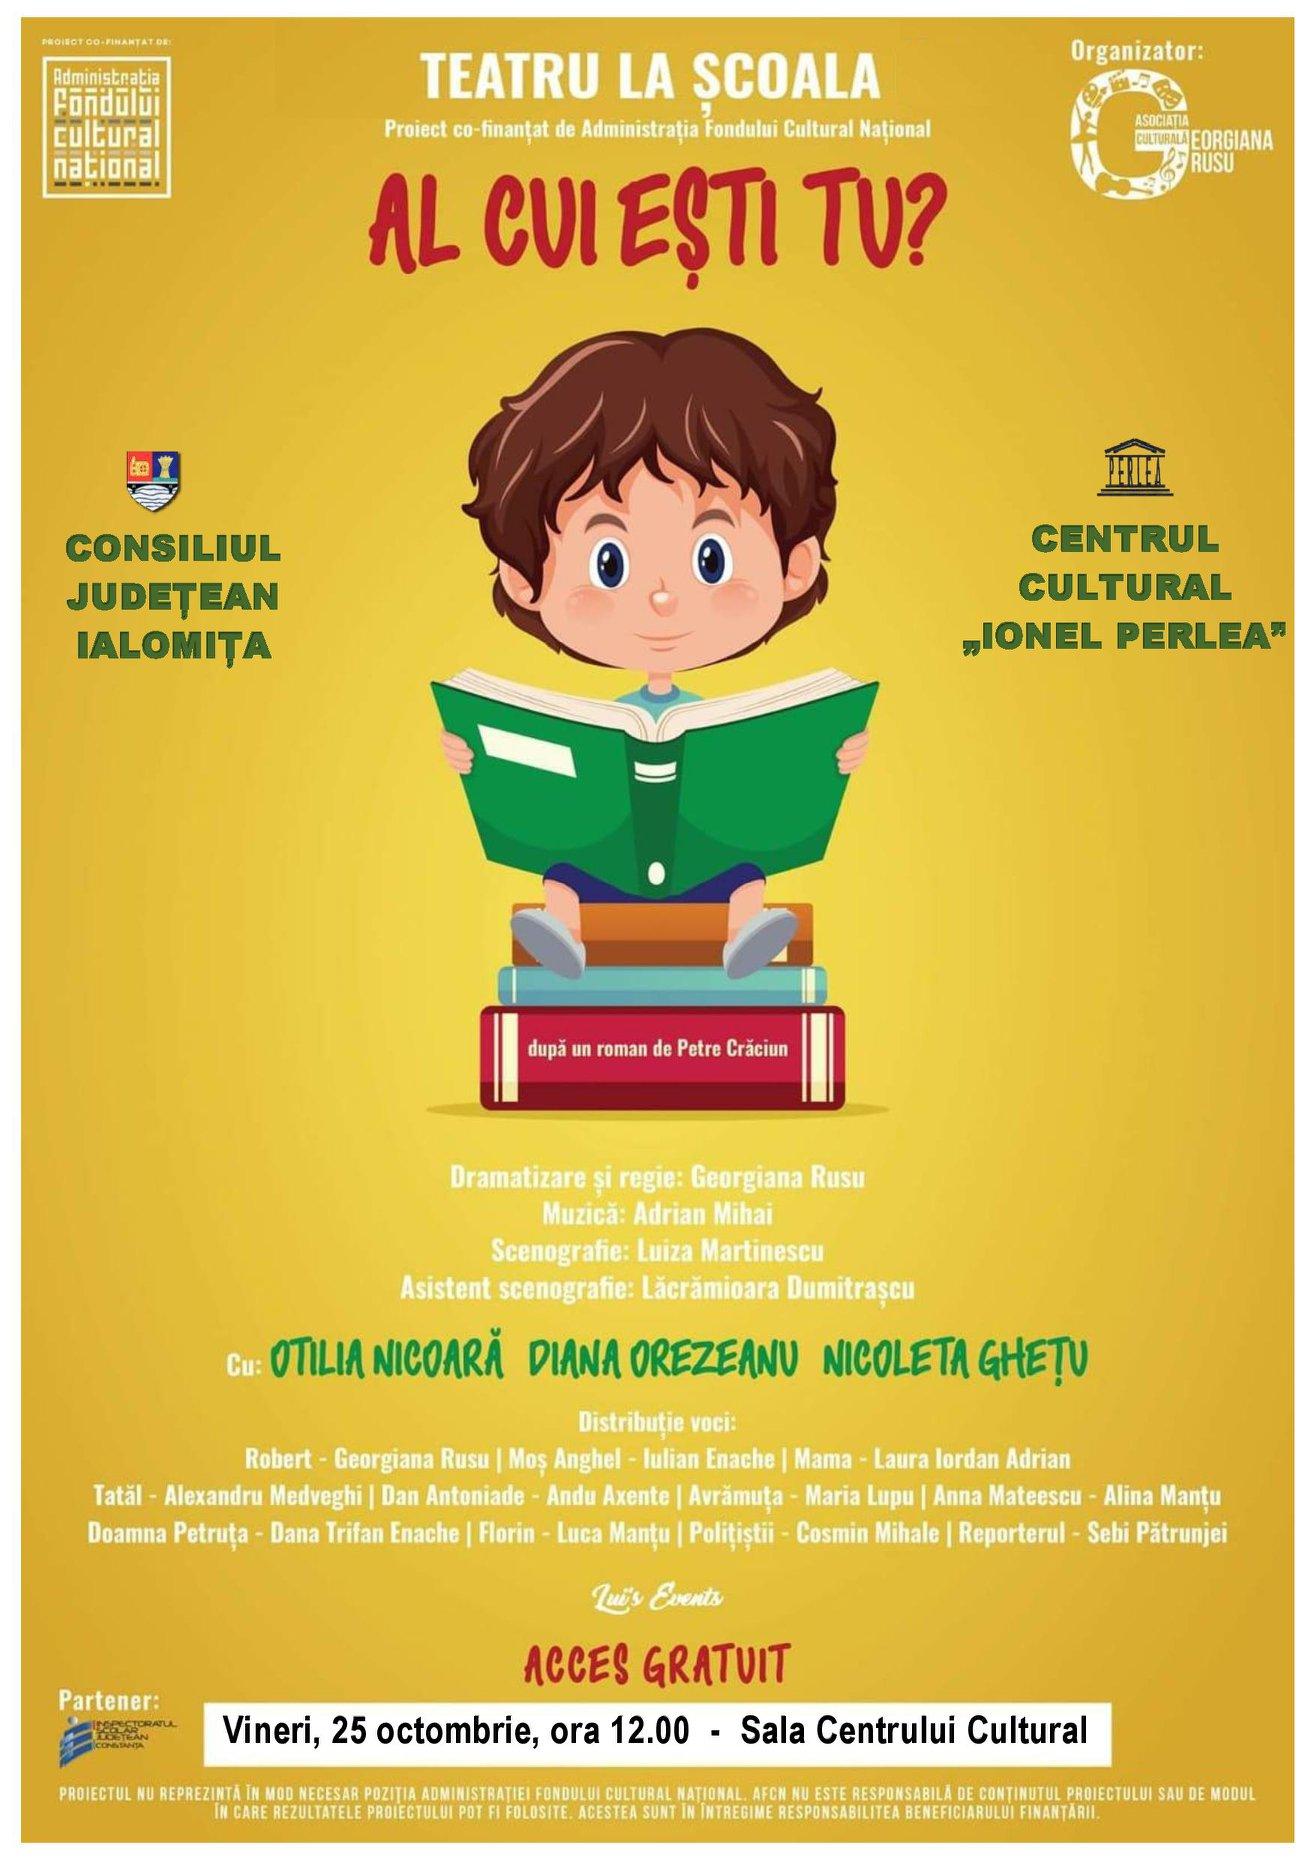 """Teatru la școală – ,,Al cui ești tu?"""", 25 octombrie 2019, ora 12:00,  Sala Centrului Cultural ,,Ionel Perlea"""""""